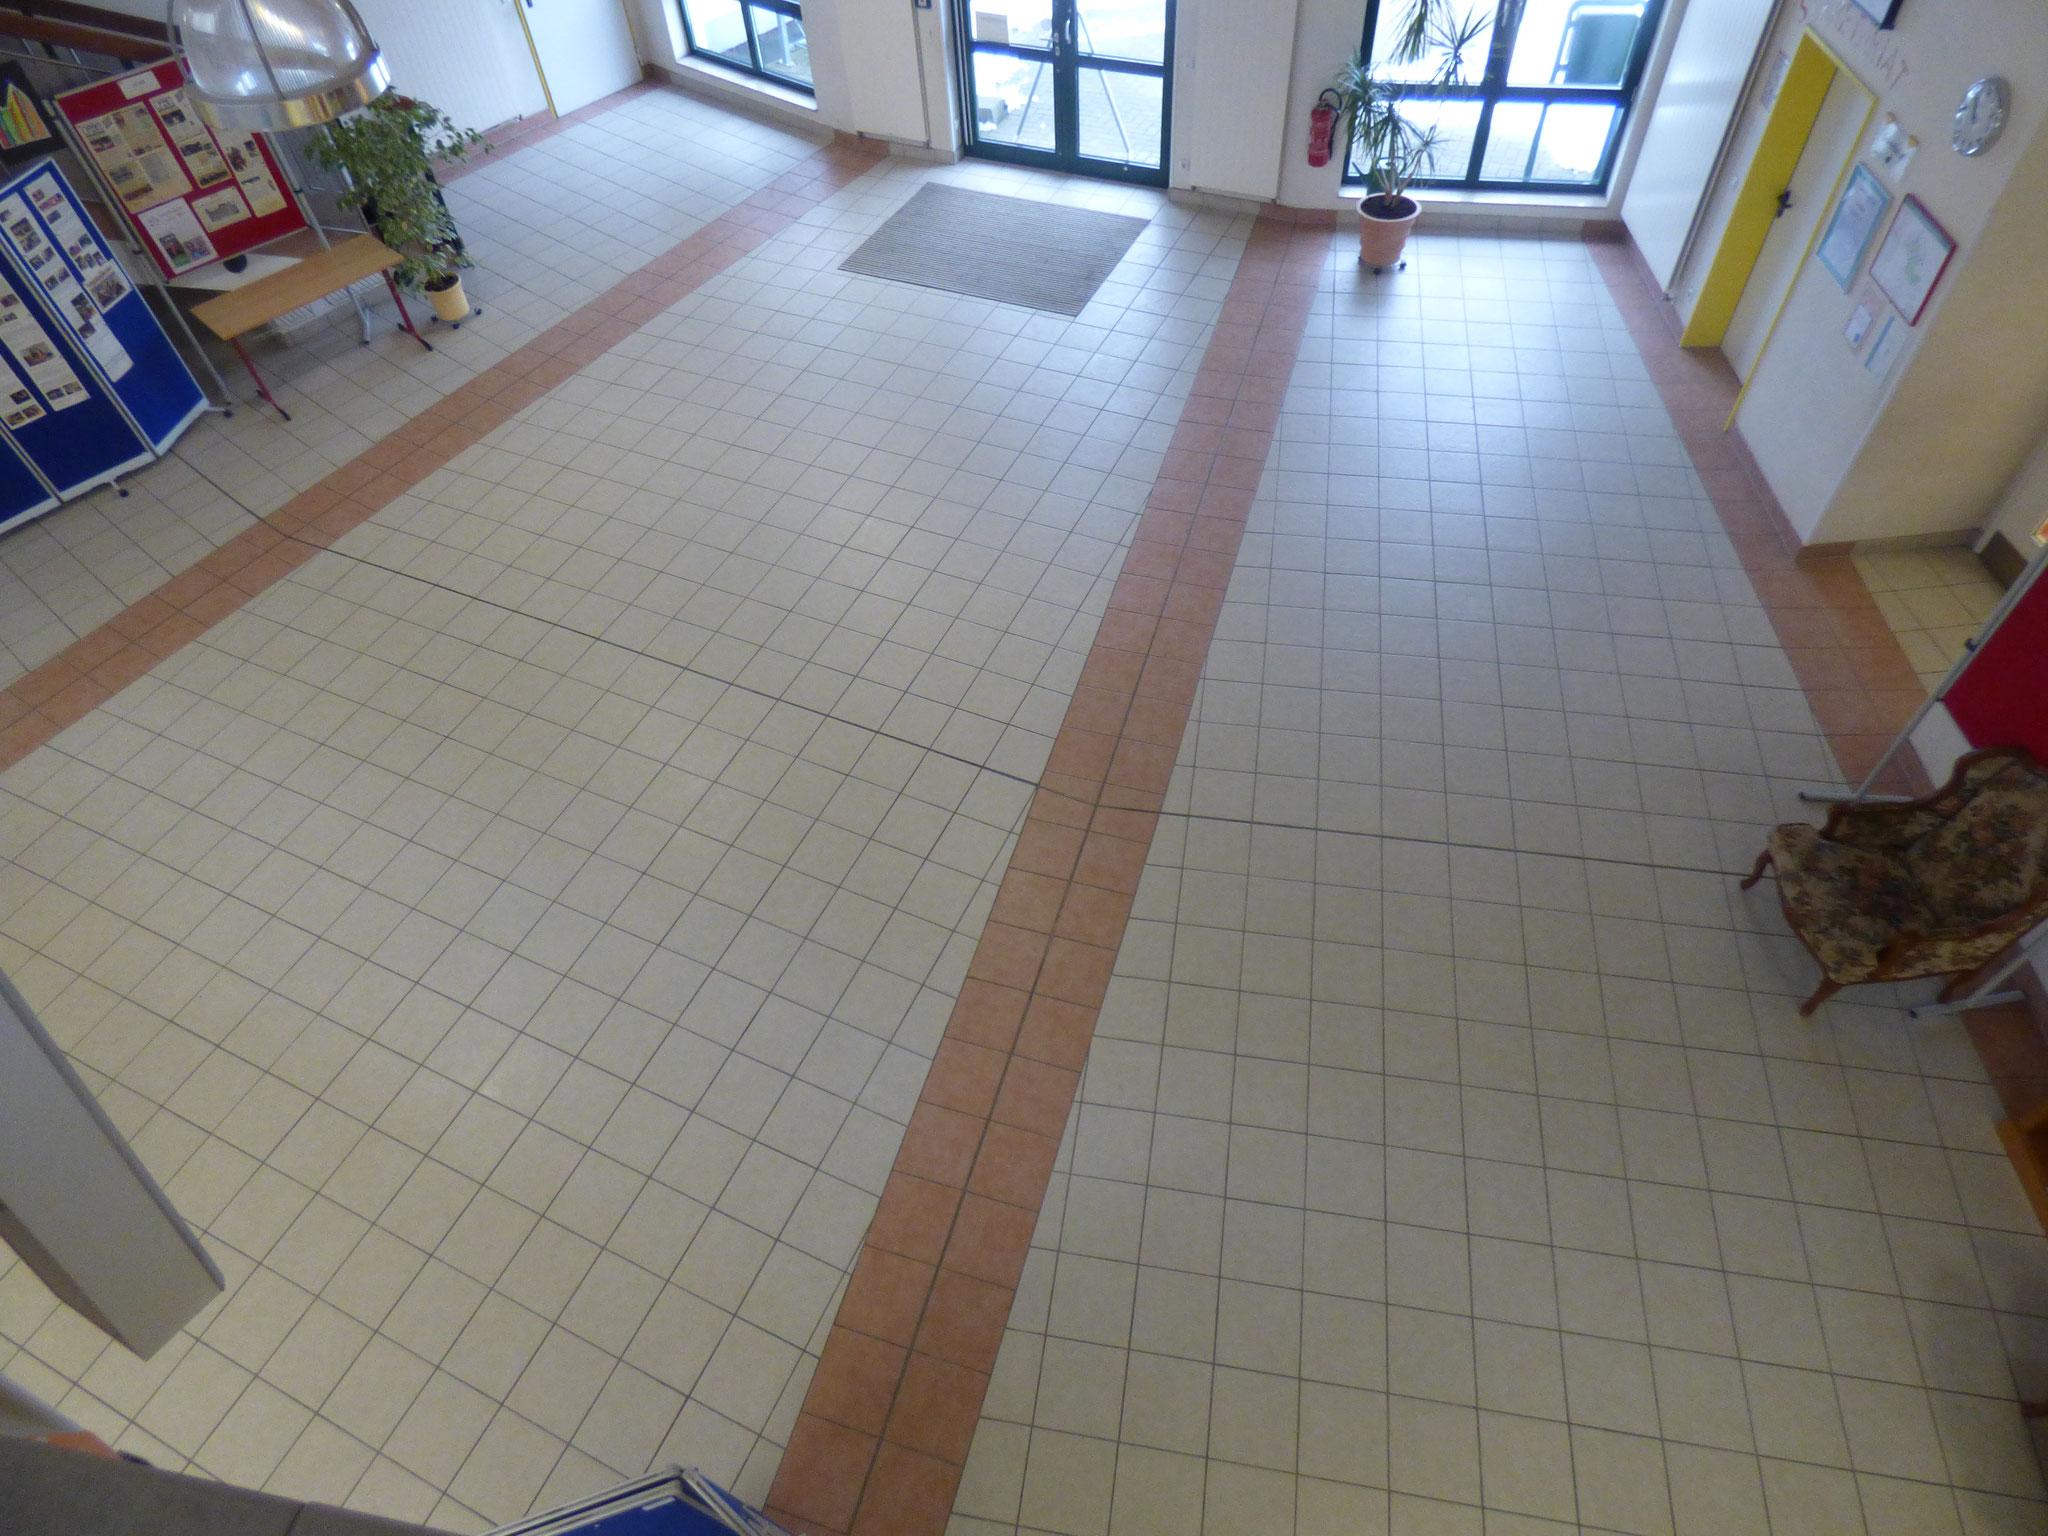 Grundschule Ost Foyer von oben